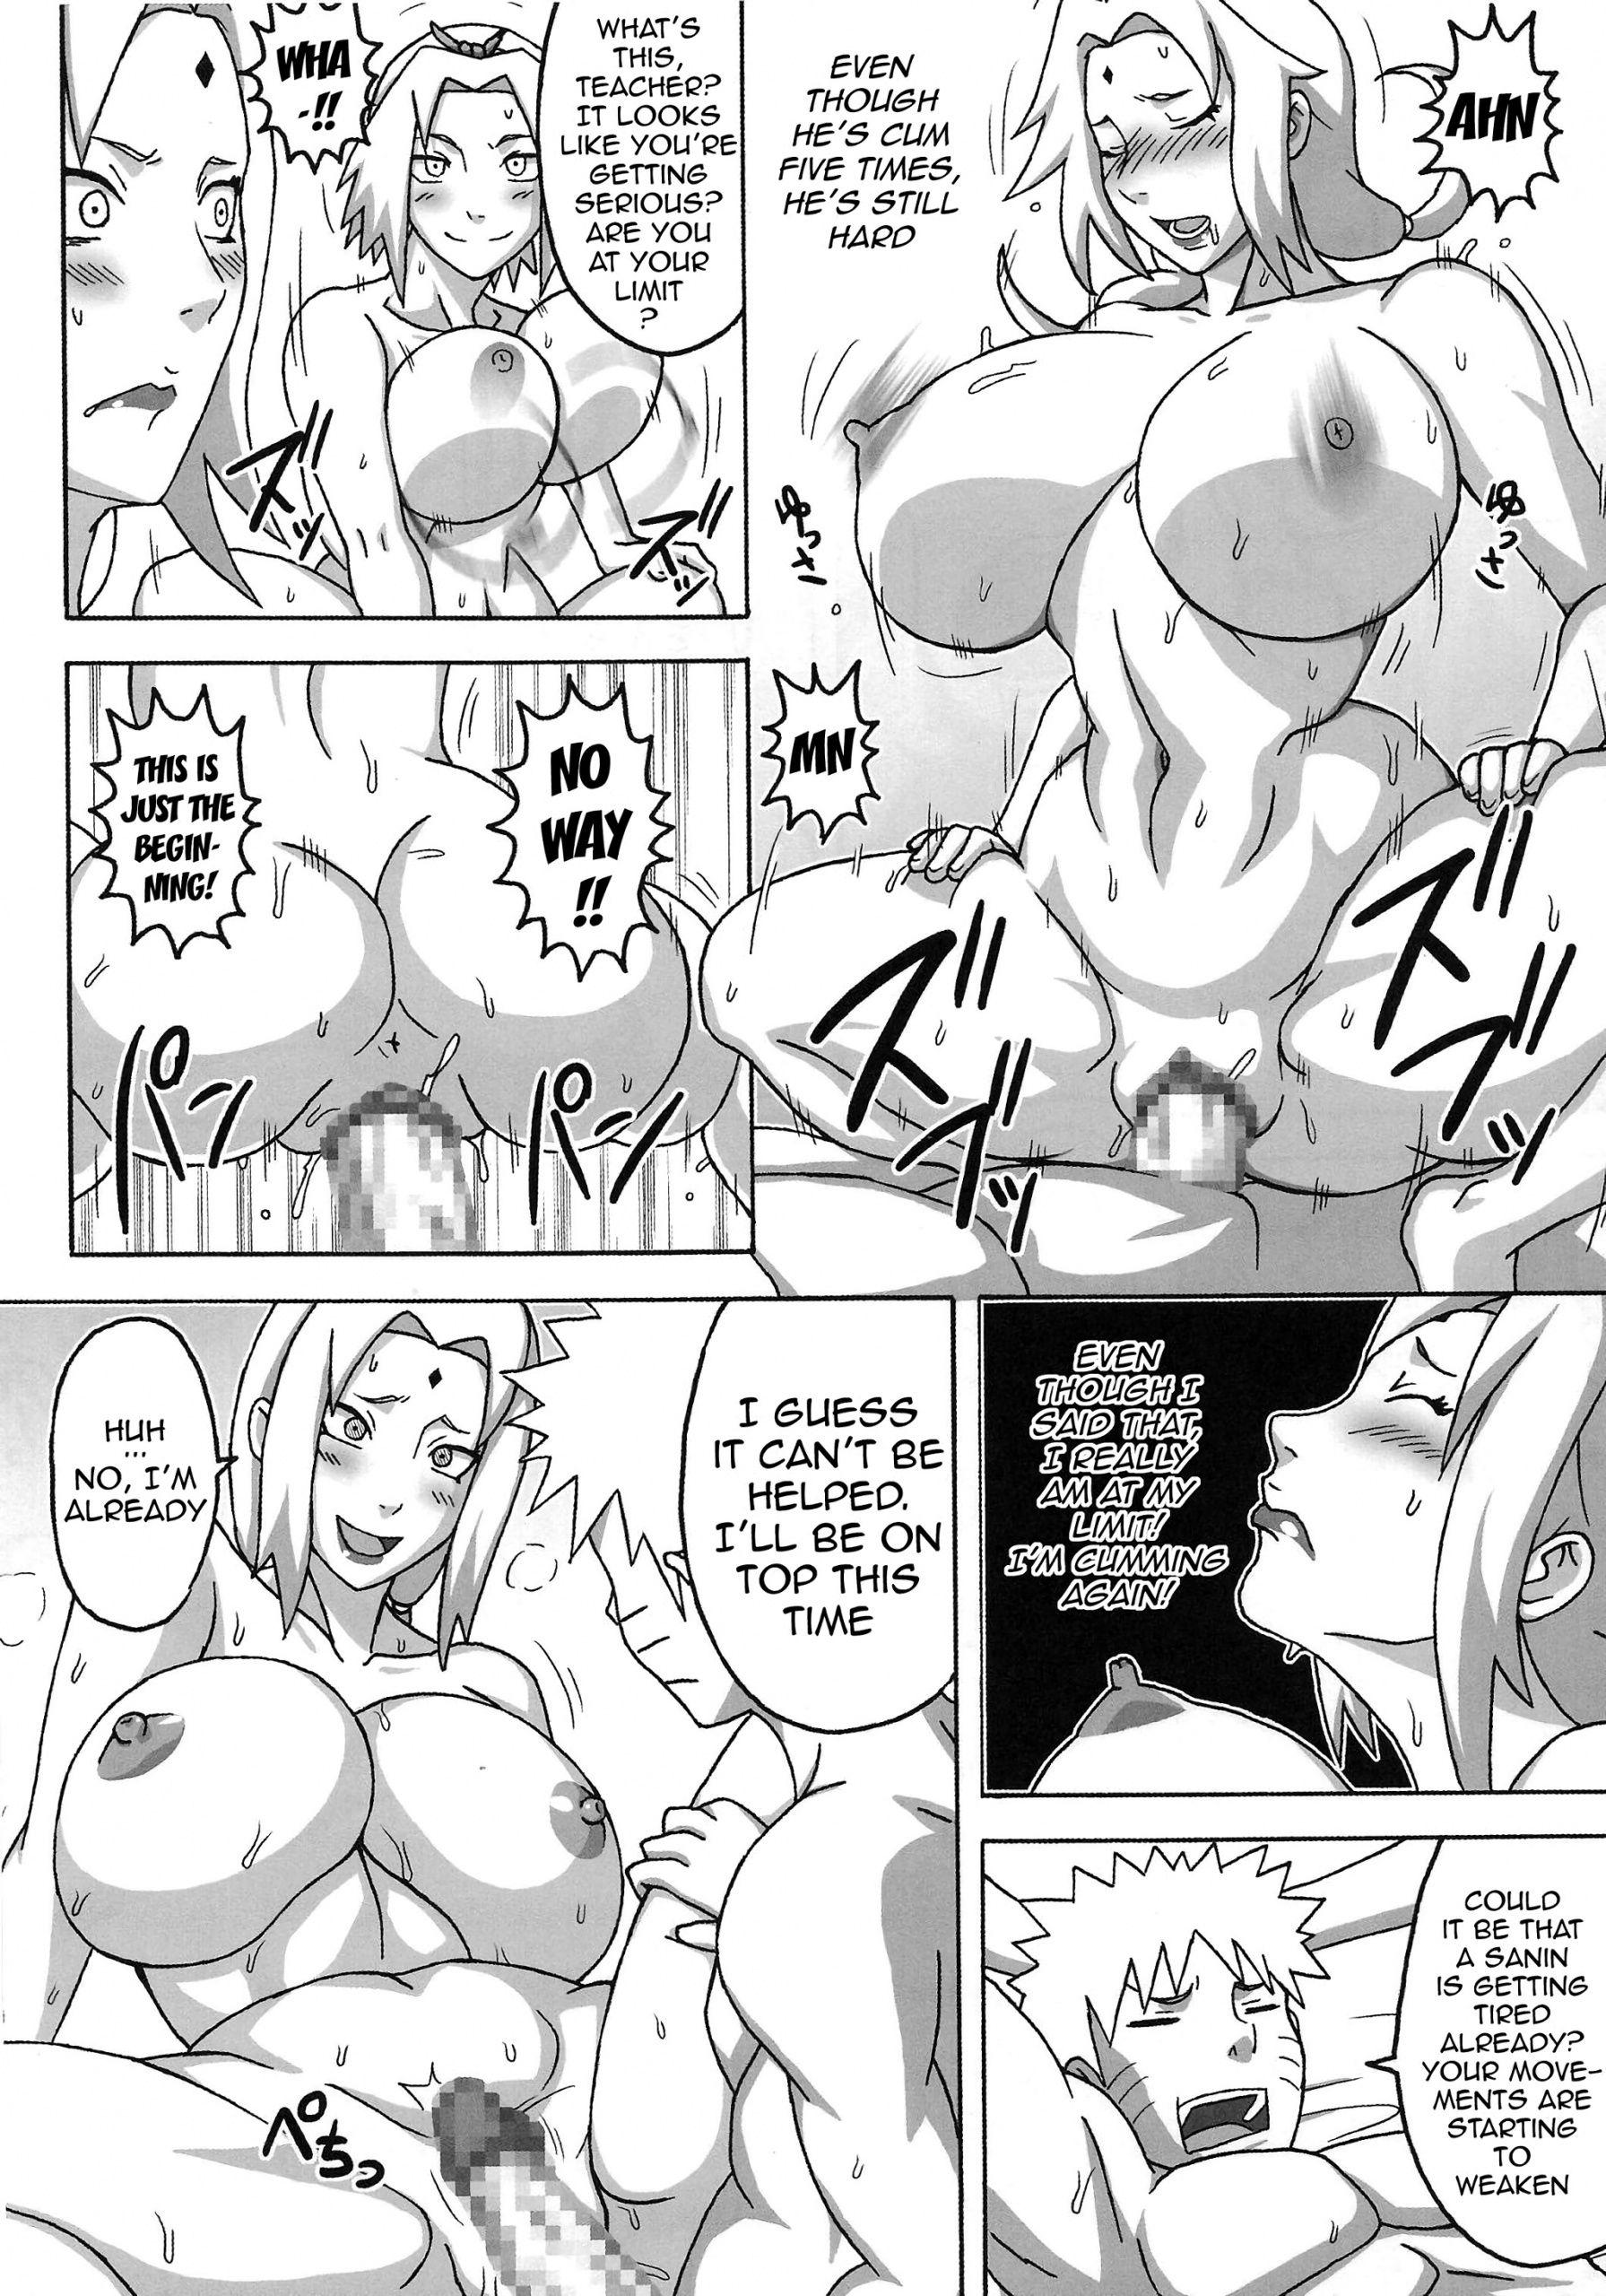 G3 hentai manga picture 31